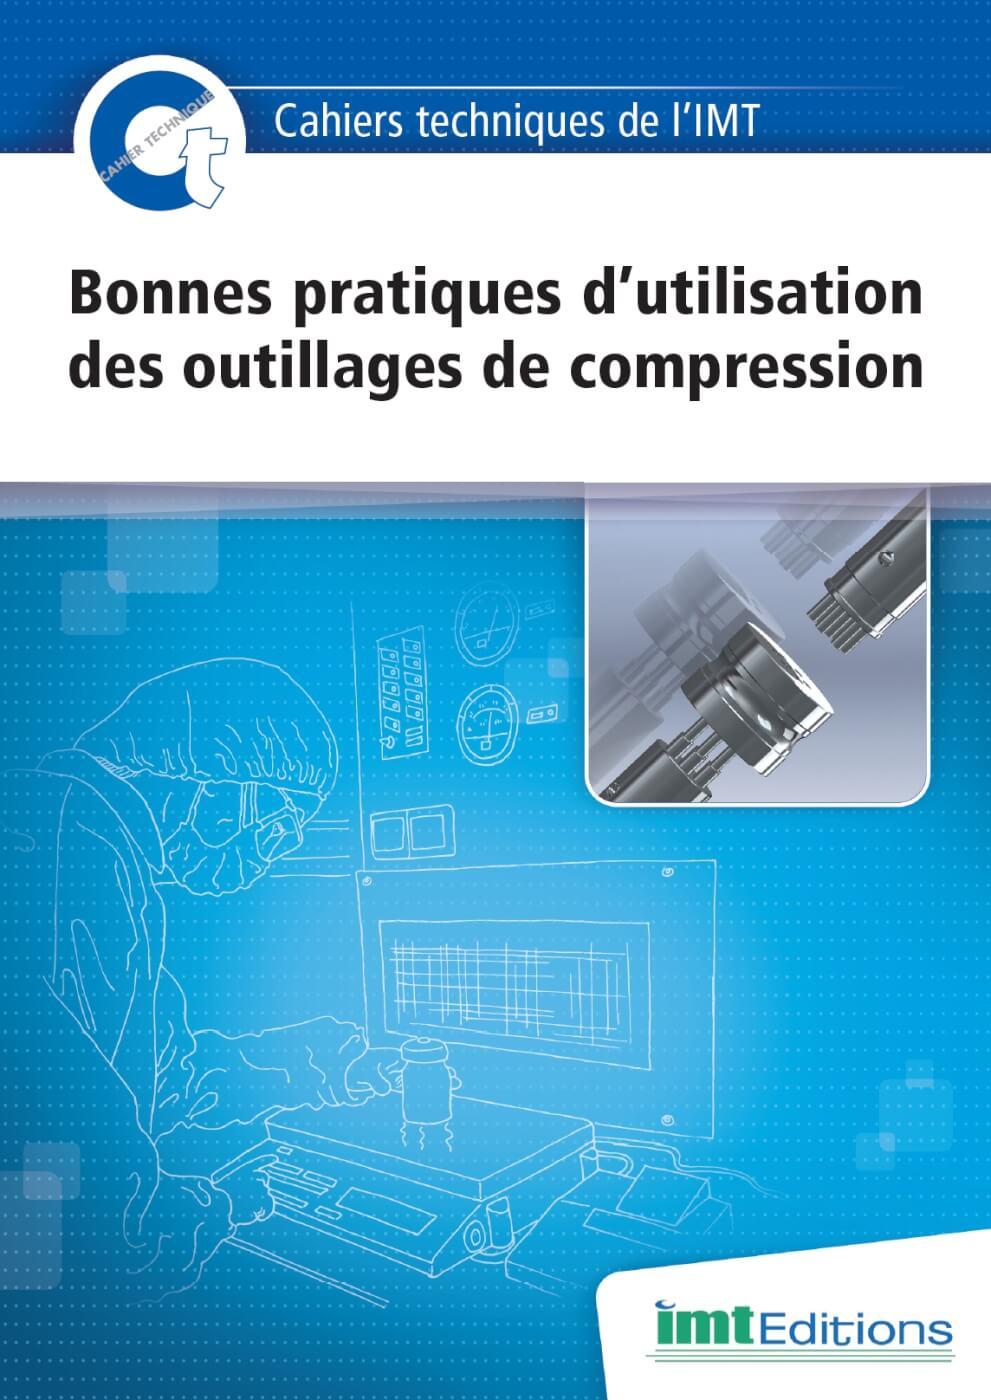 Ouvrage professionnel sur les bonnes pratiques d'utilisation des outillages de compression